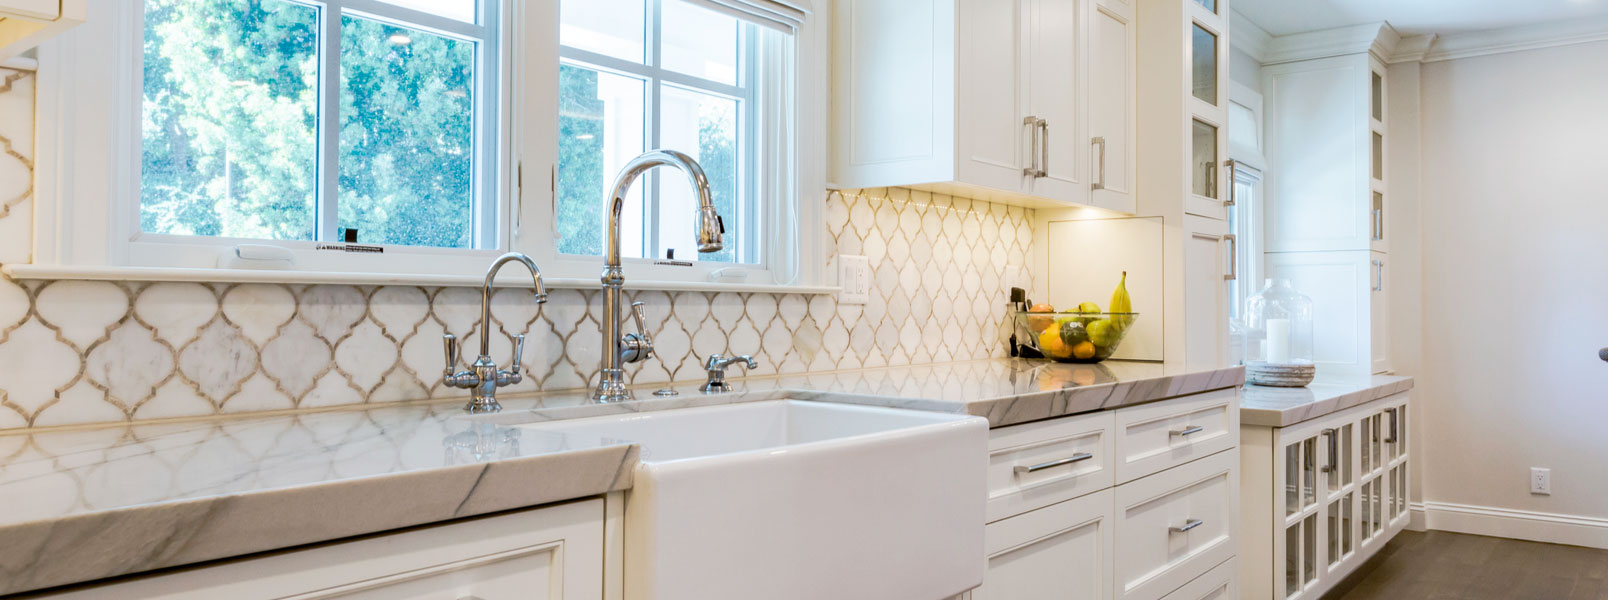 8 Ideas For A Unique Kitchen Backsplash